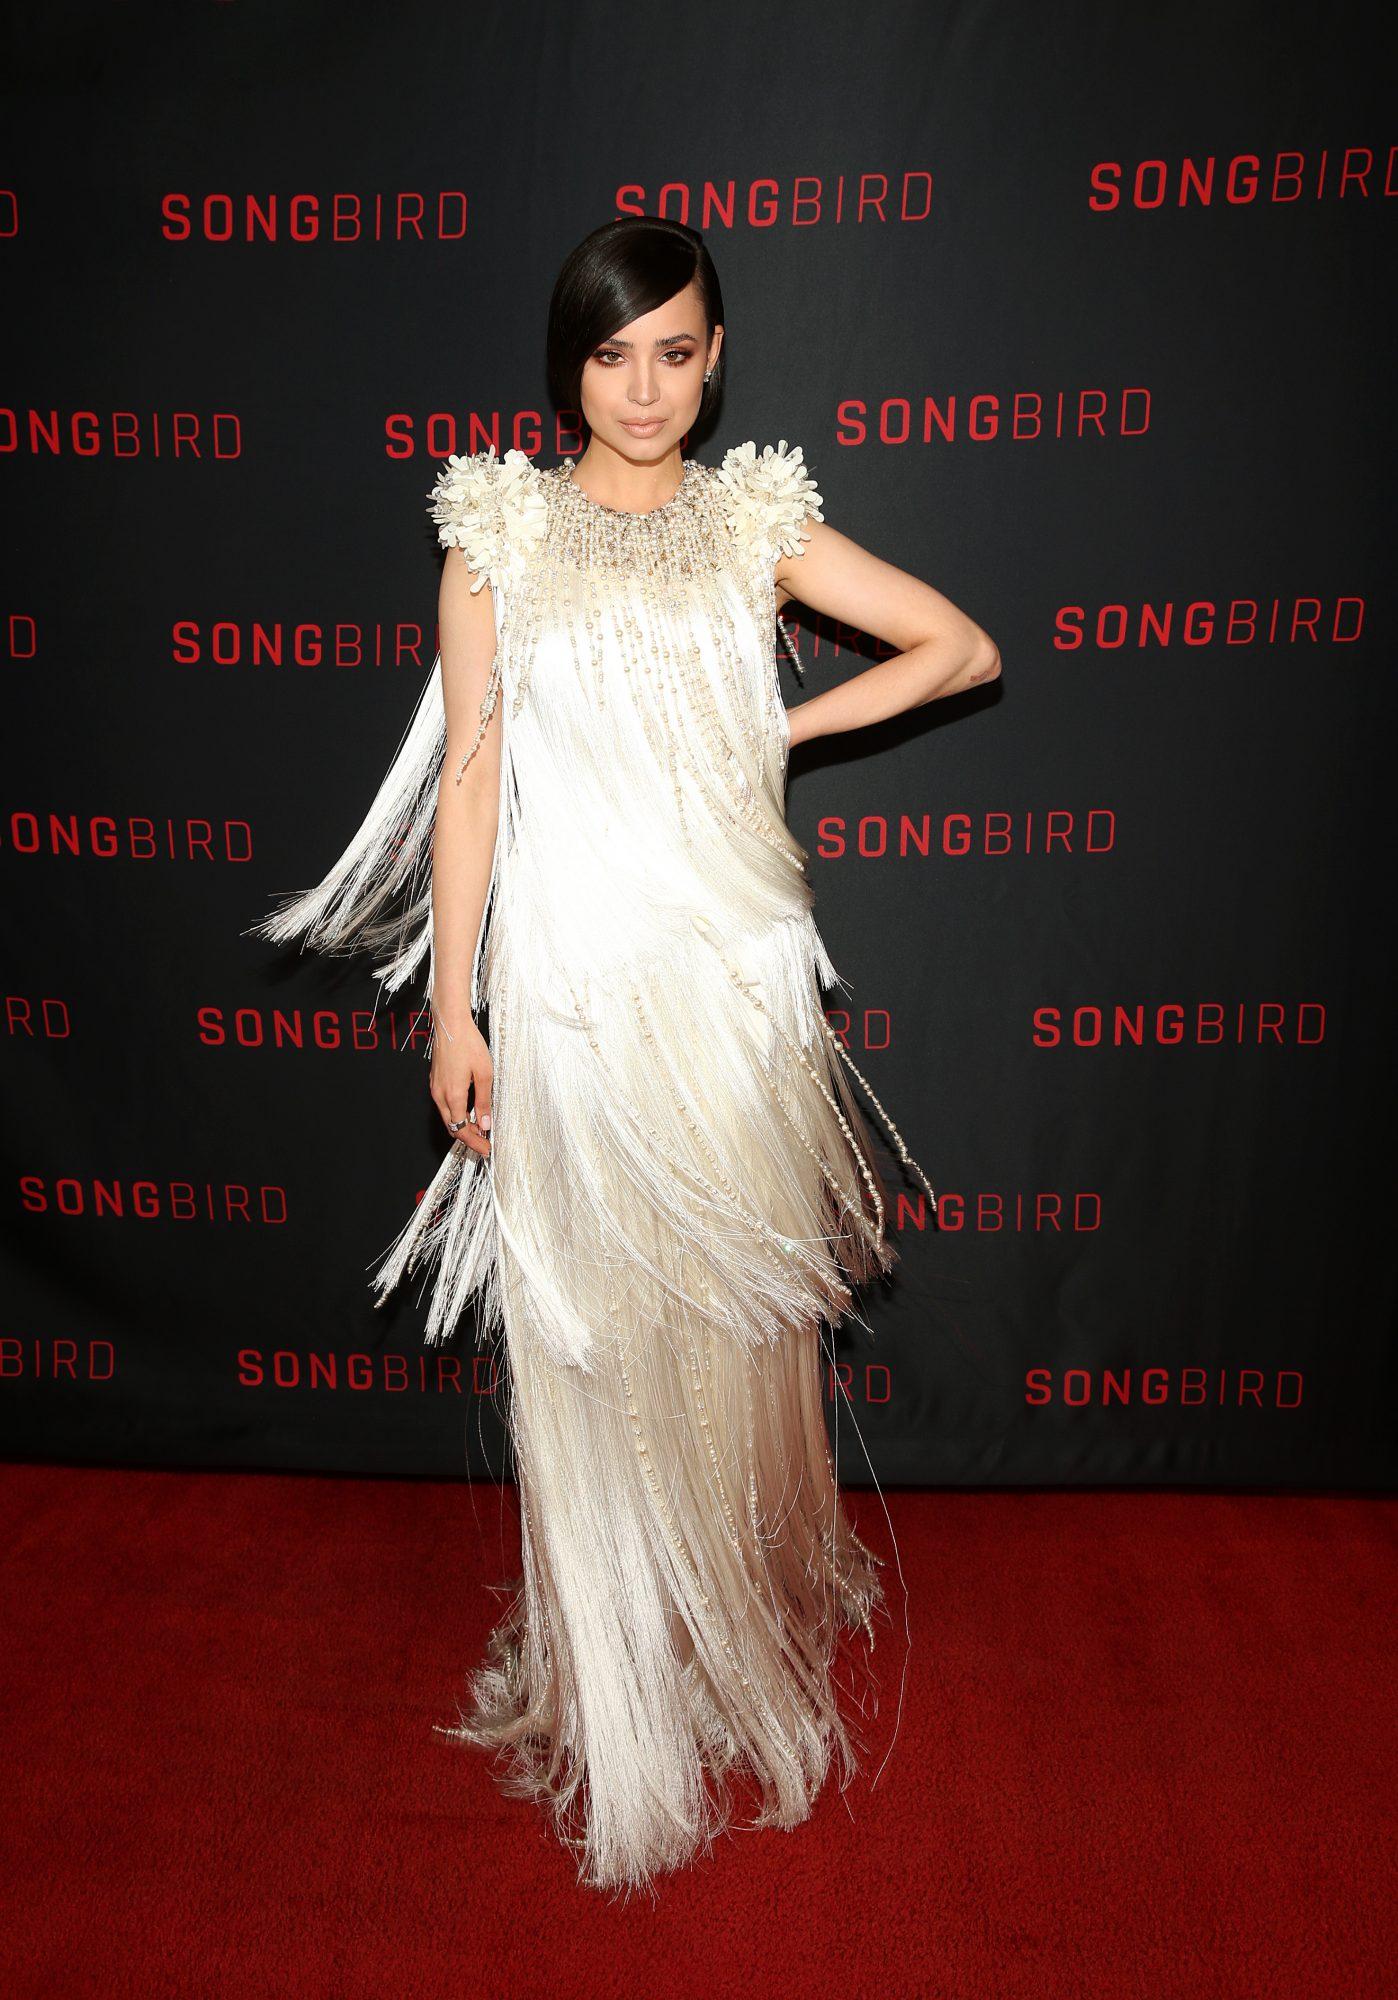 Sofia carson en la premier de Songbird, look, vestido de flecos